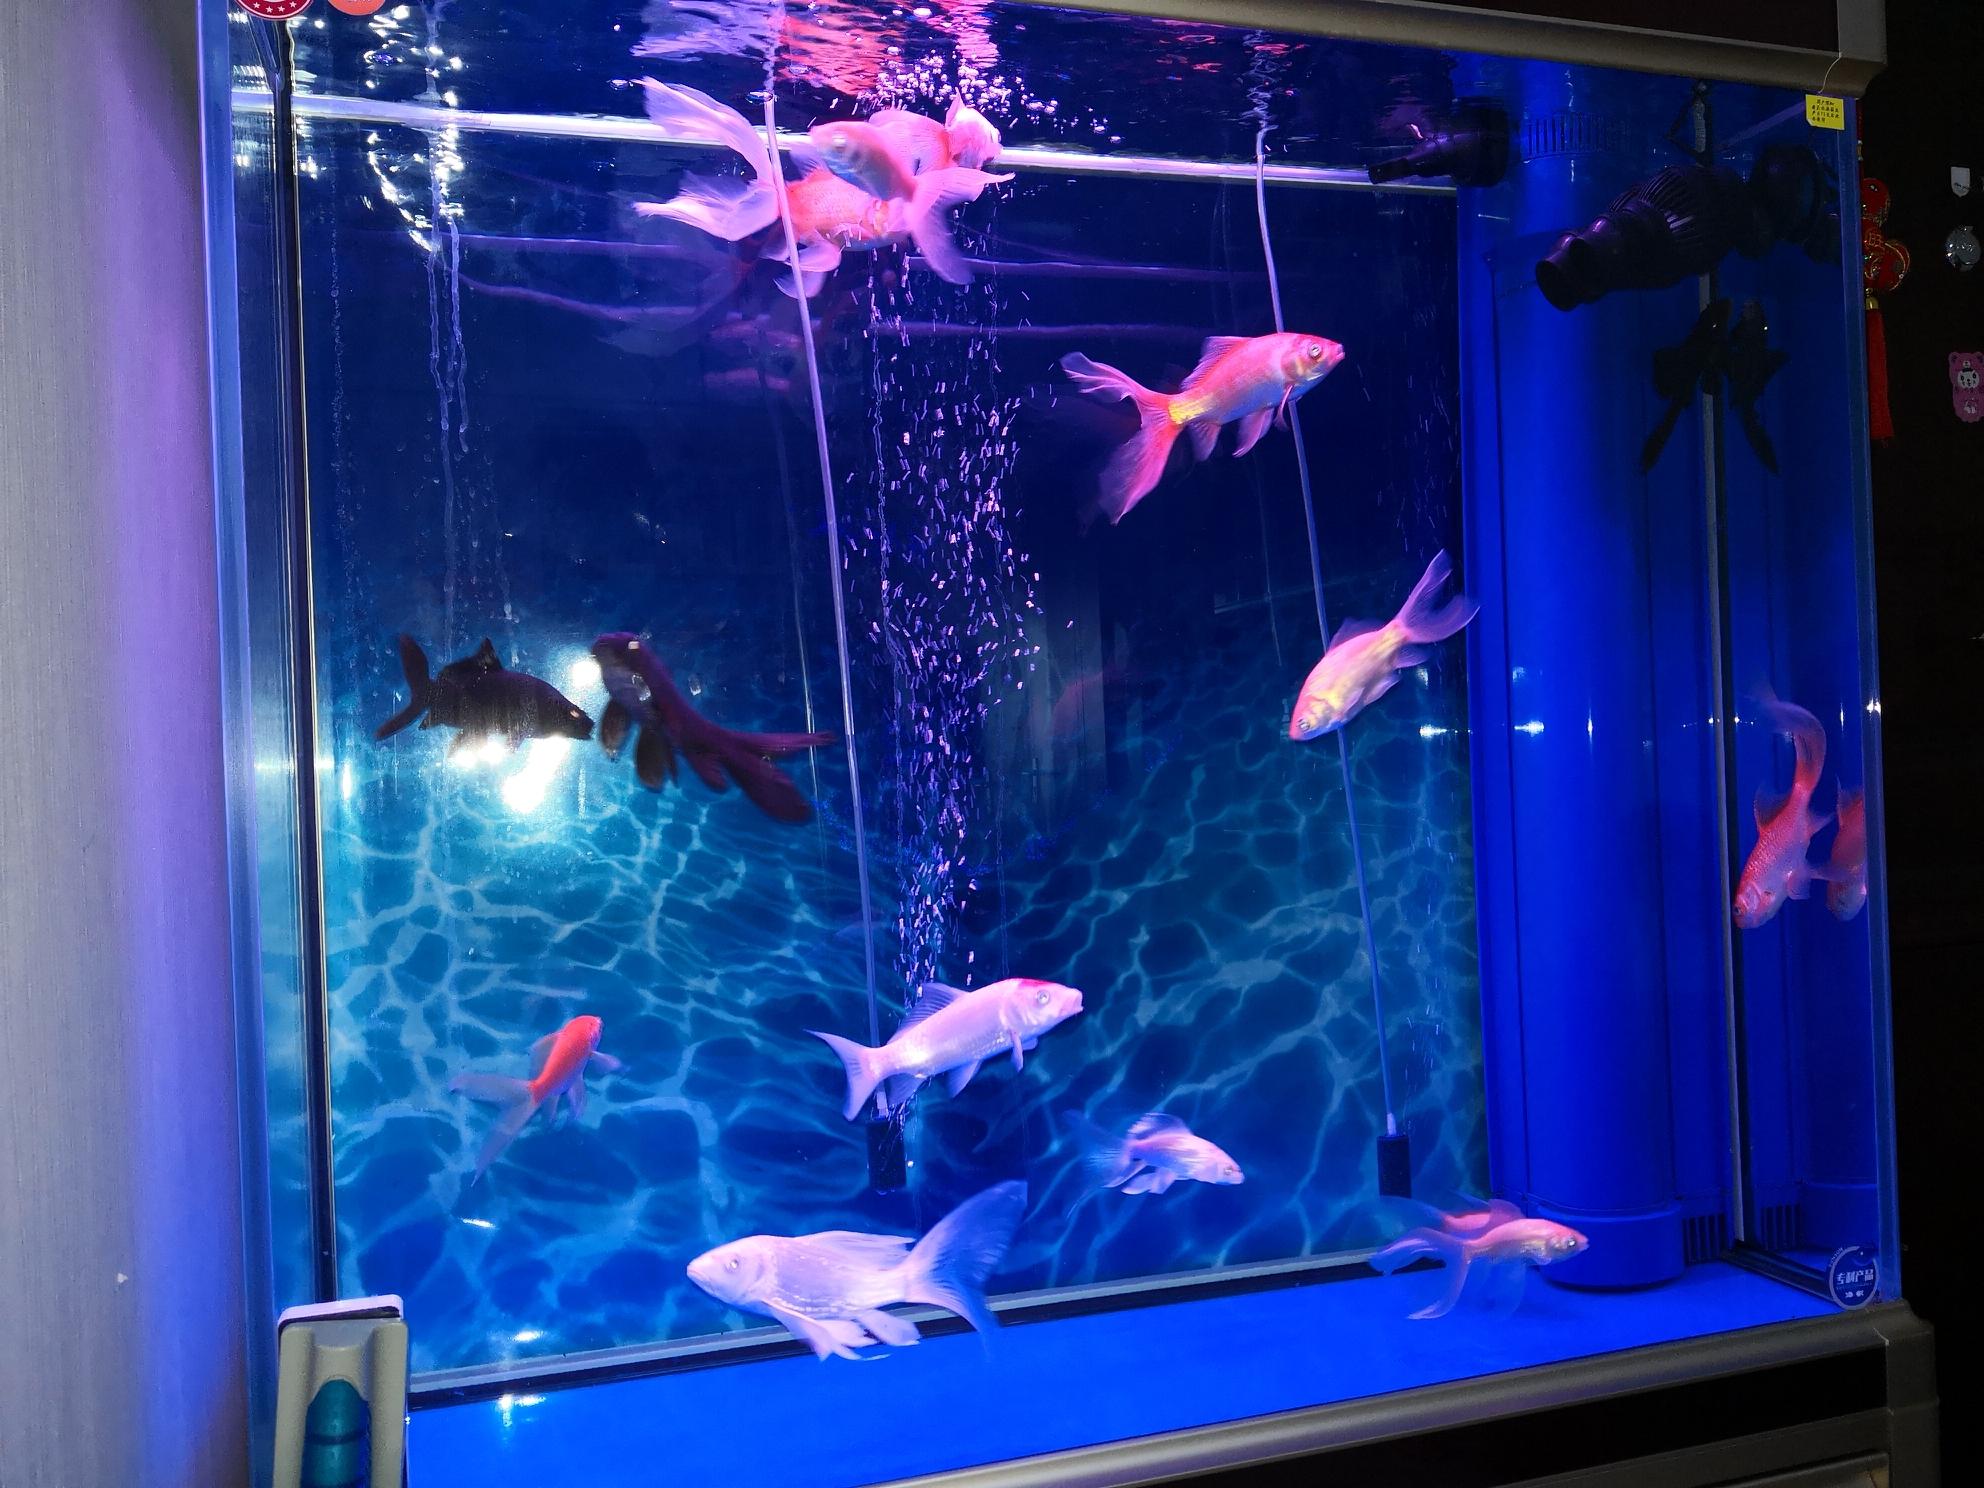 起床看鱼了金鱼 北京观赏鱼 北京龙鱼第1张